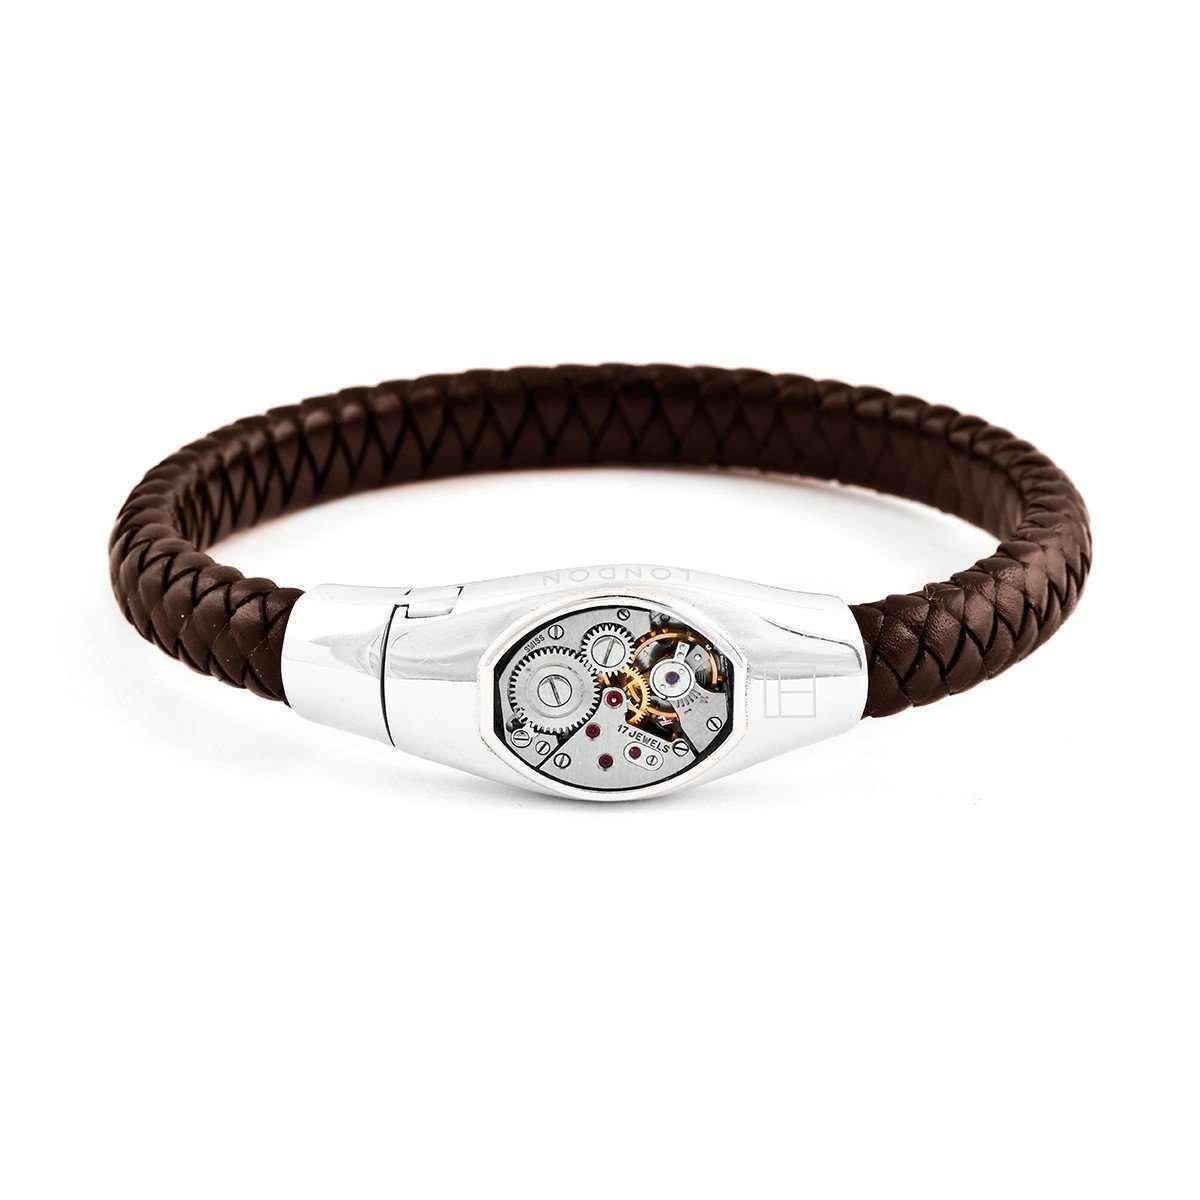 Basel Skeleton Silver Bracelet in Brown - Tatossian